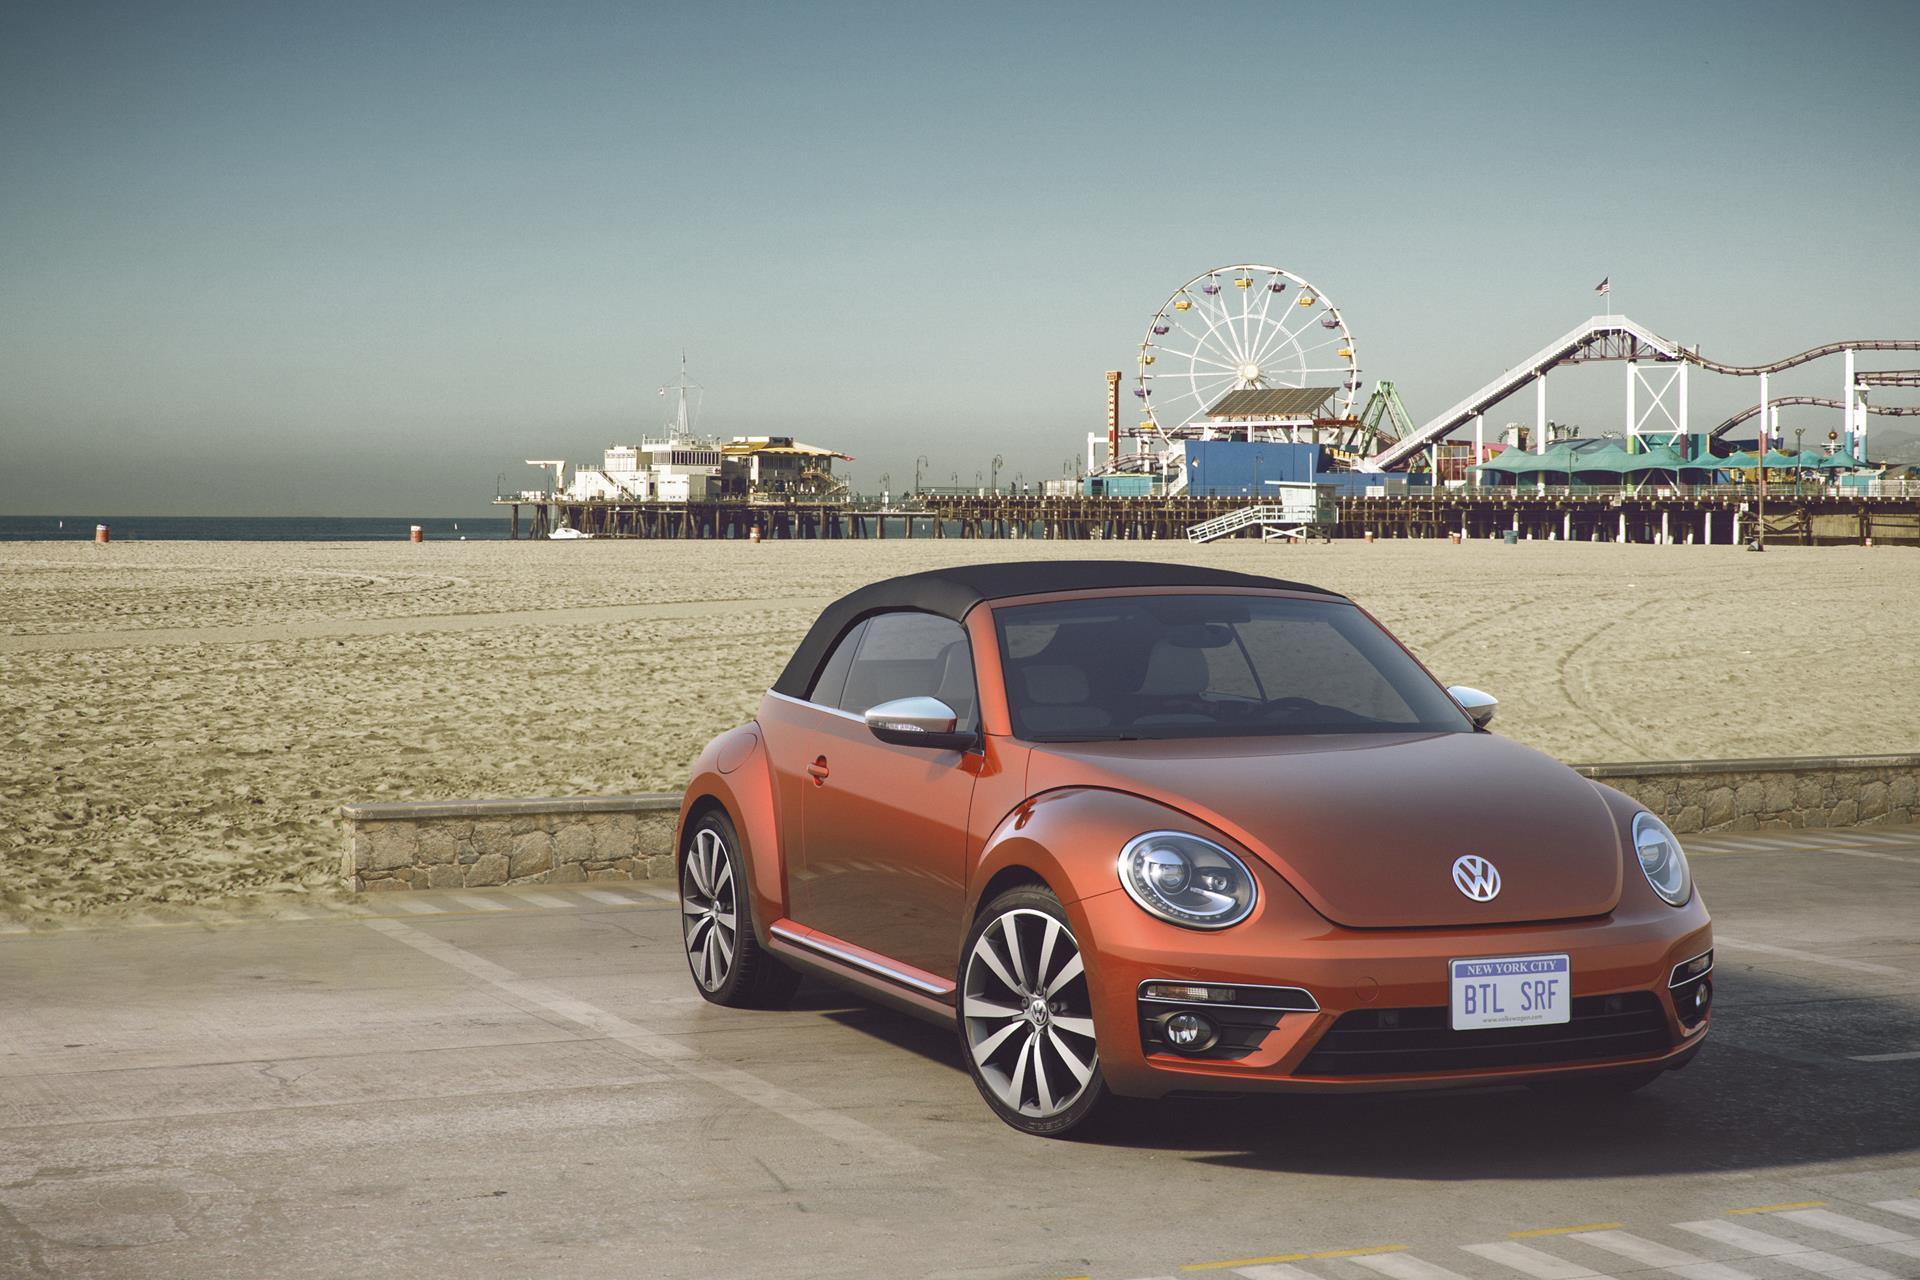 2015 Volkswagen Beetle Convertible Wave - conceptcarz.com